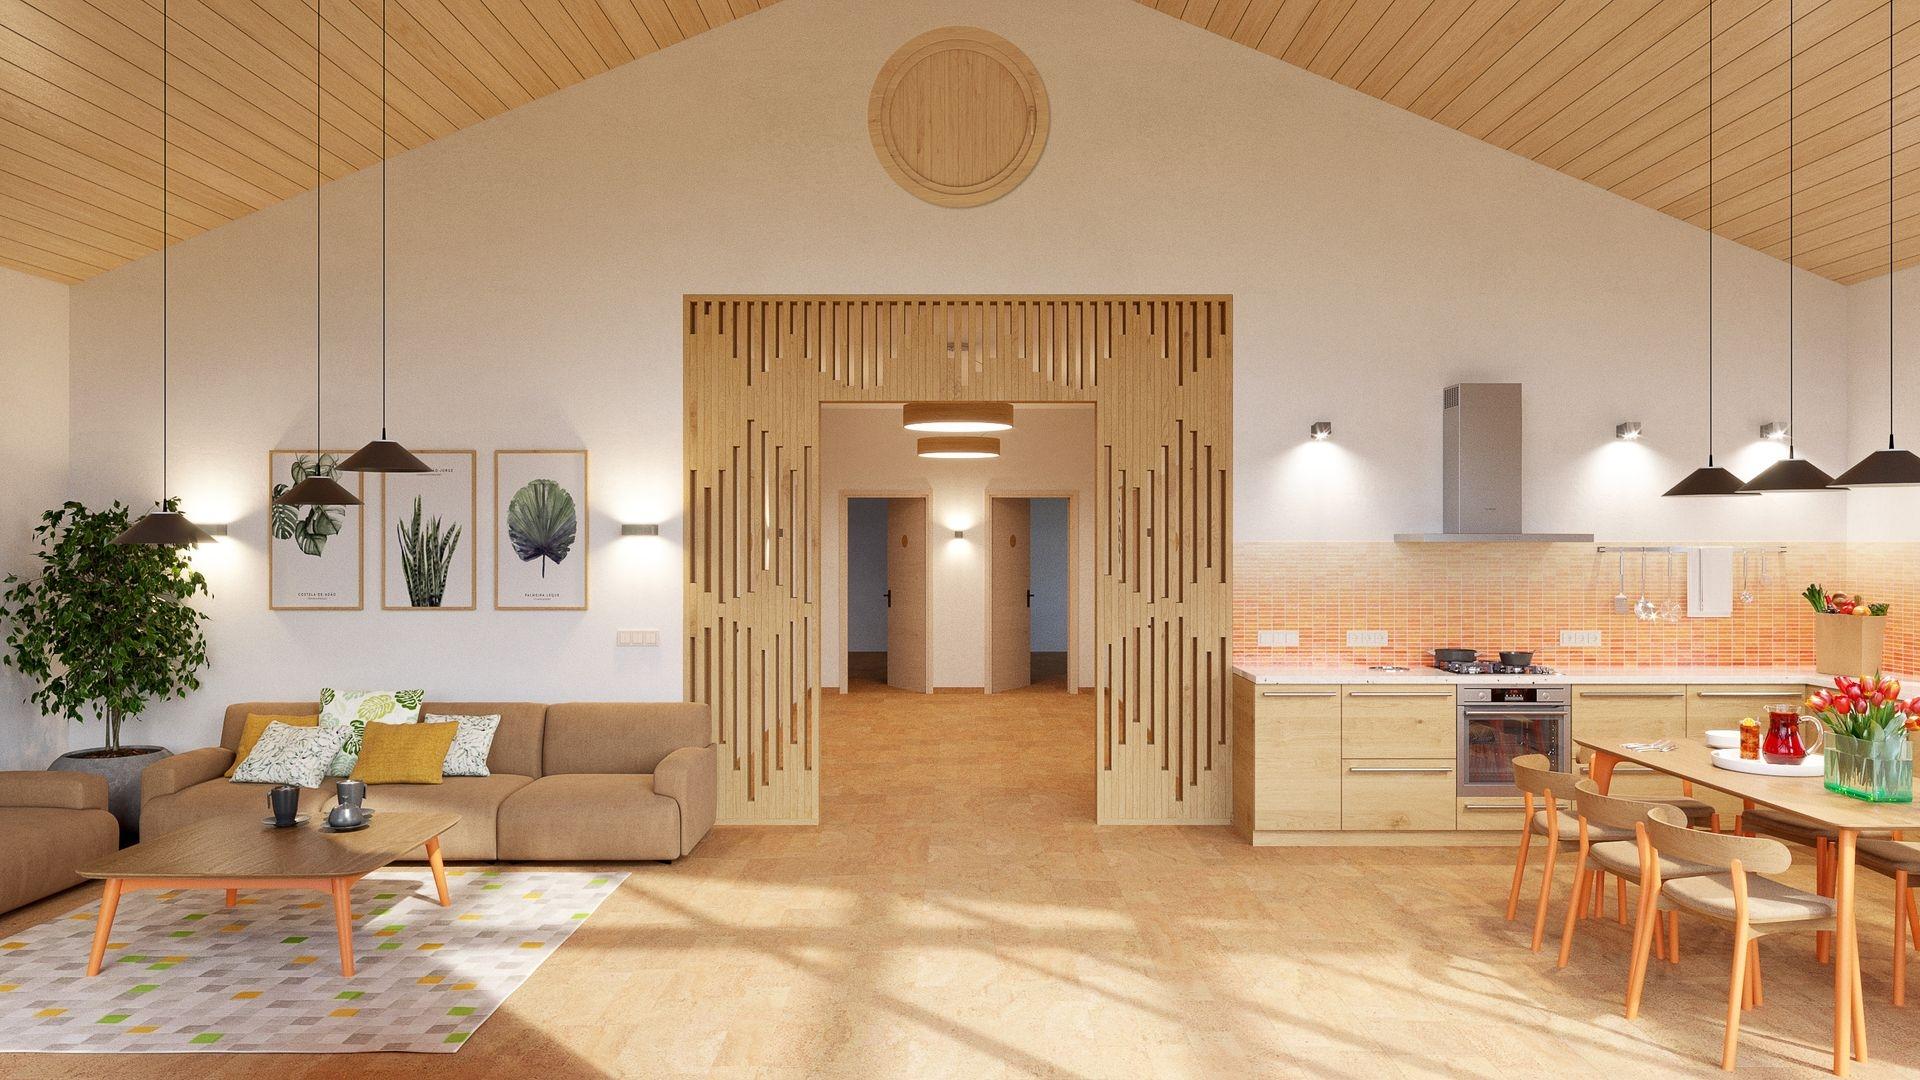 Изображение для проекта Проект кирпичного дома для музыканта 2152